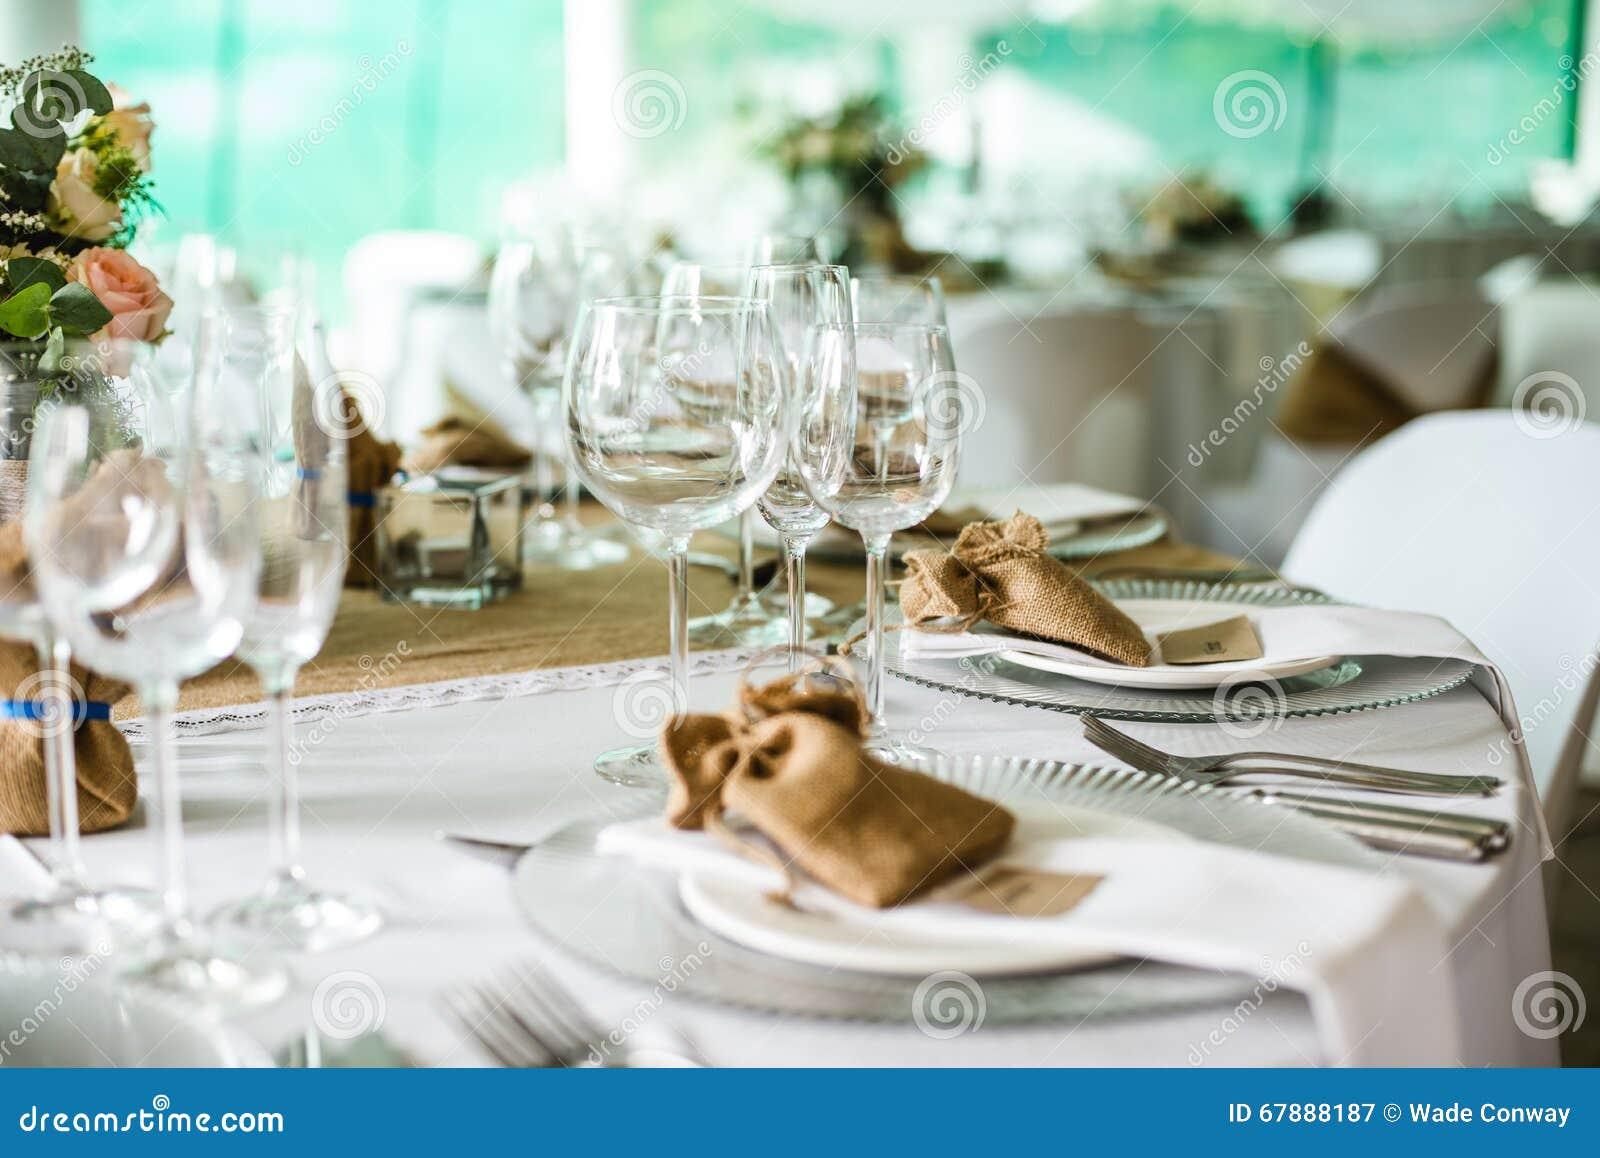 背景钮扣眼上插的花看板卡装饰装饰邀请婚姻白色的珍珠玫瑰